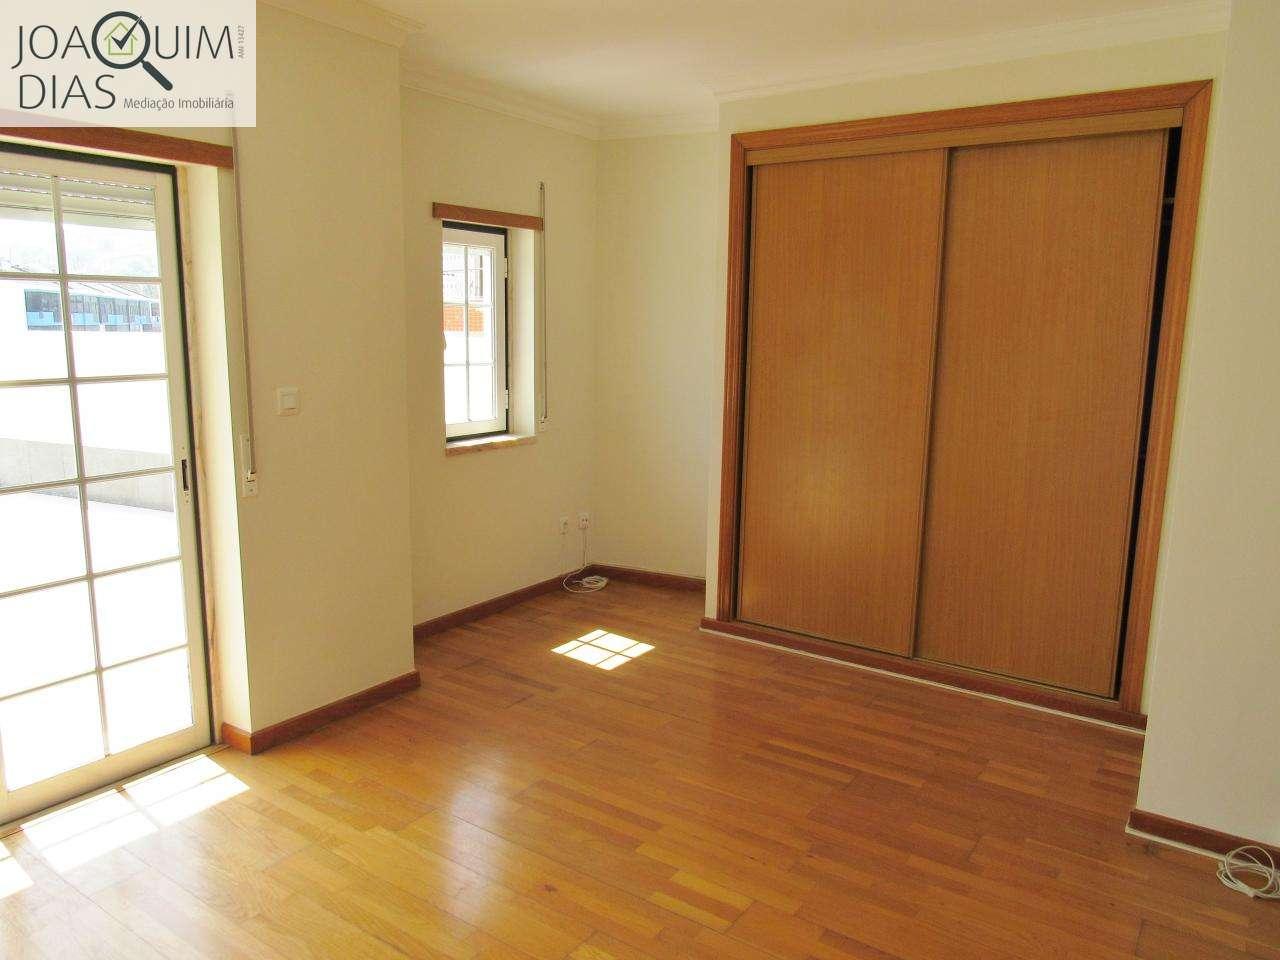 Apartamento para comprar, Malveira e São Miguel de Alcainça, Lisboa - Foto 25